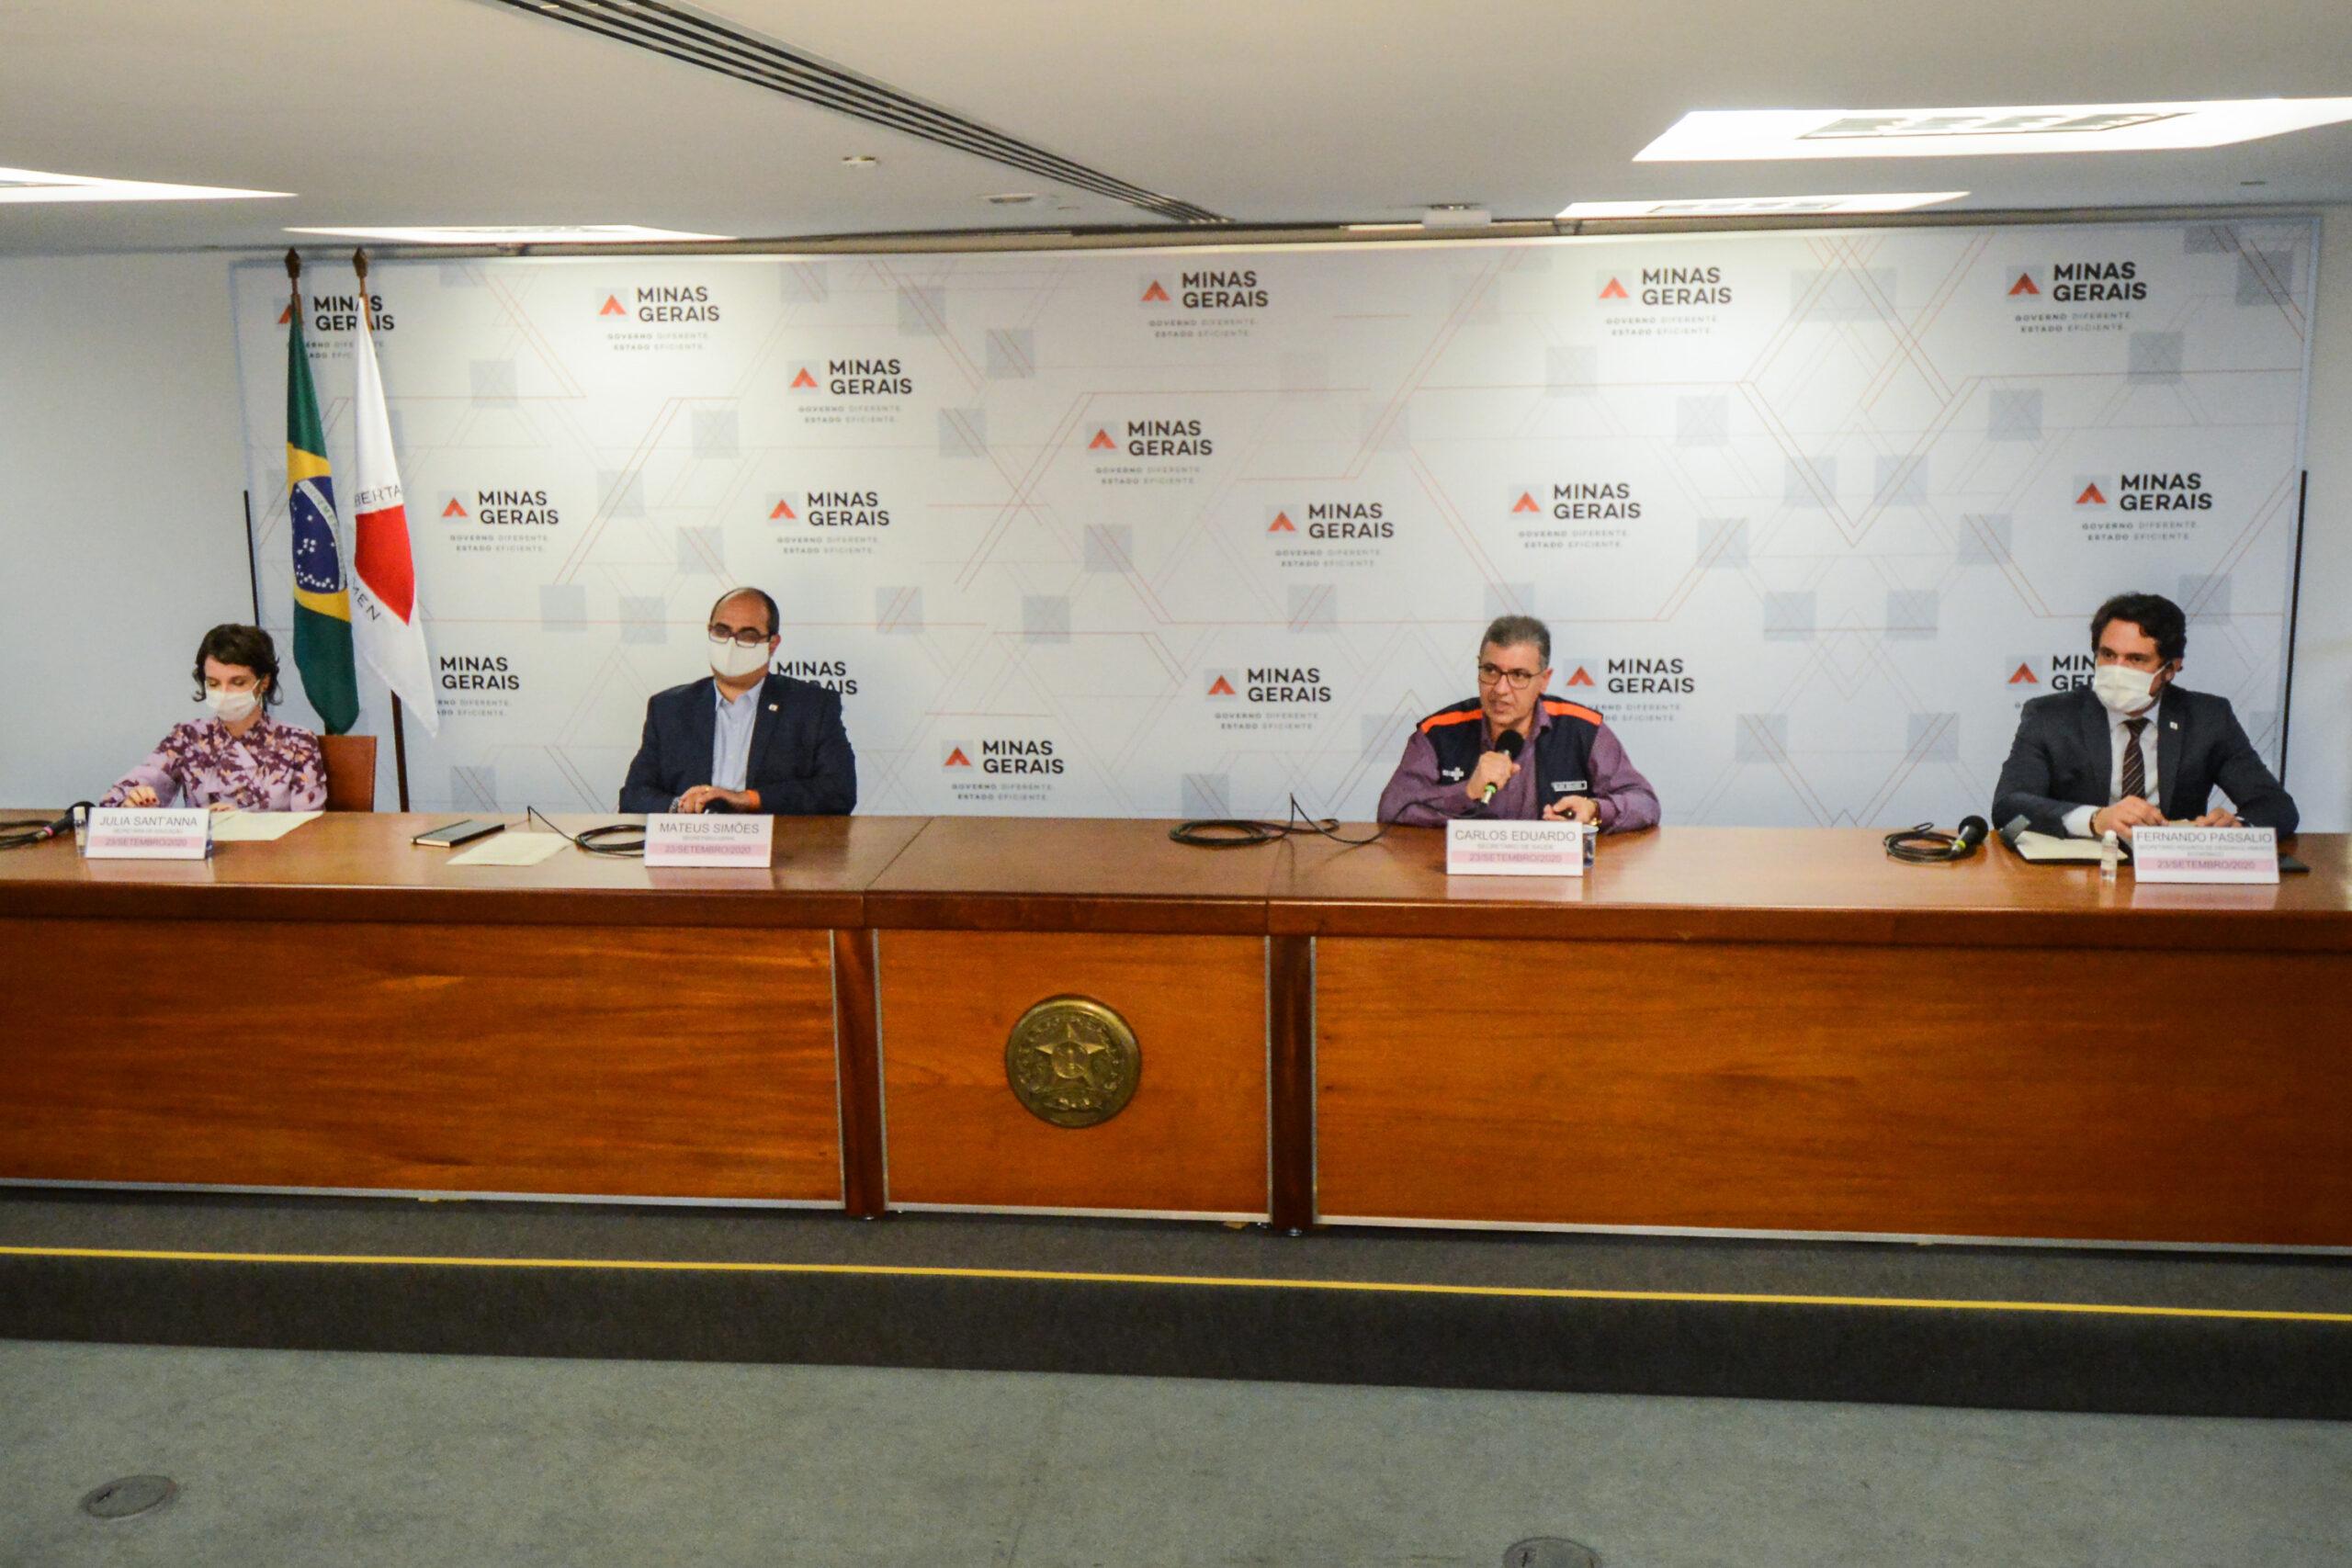 Governo anuncia início do retorno das atividades escolares presenciais - Foto: Pedro Gontijo/Imprensa MG